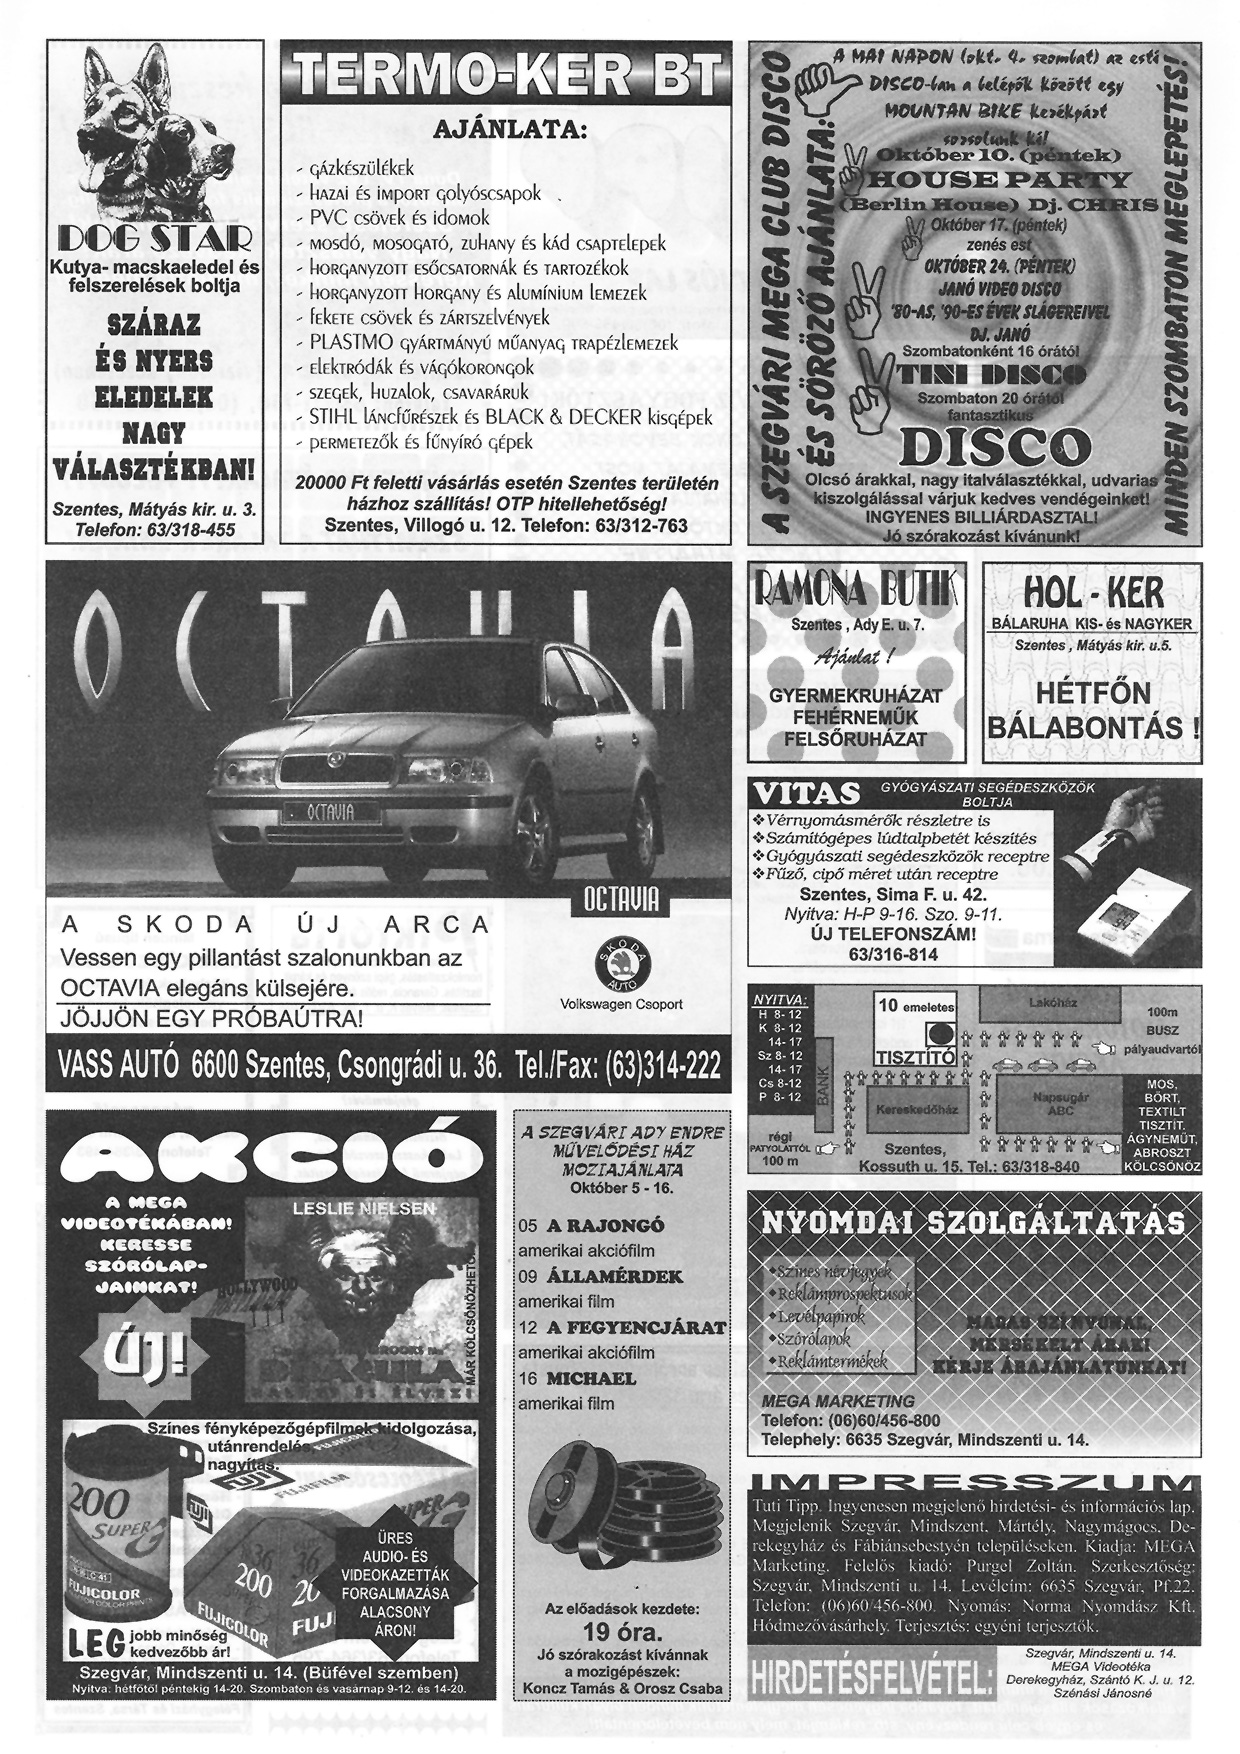 038 Tuti Tipp reklámújság - 19971004-071. lapszám - 2.oldal - III. évfolyam.jpg